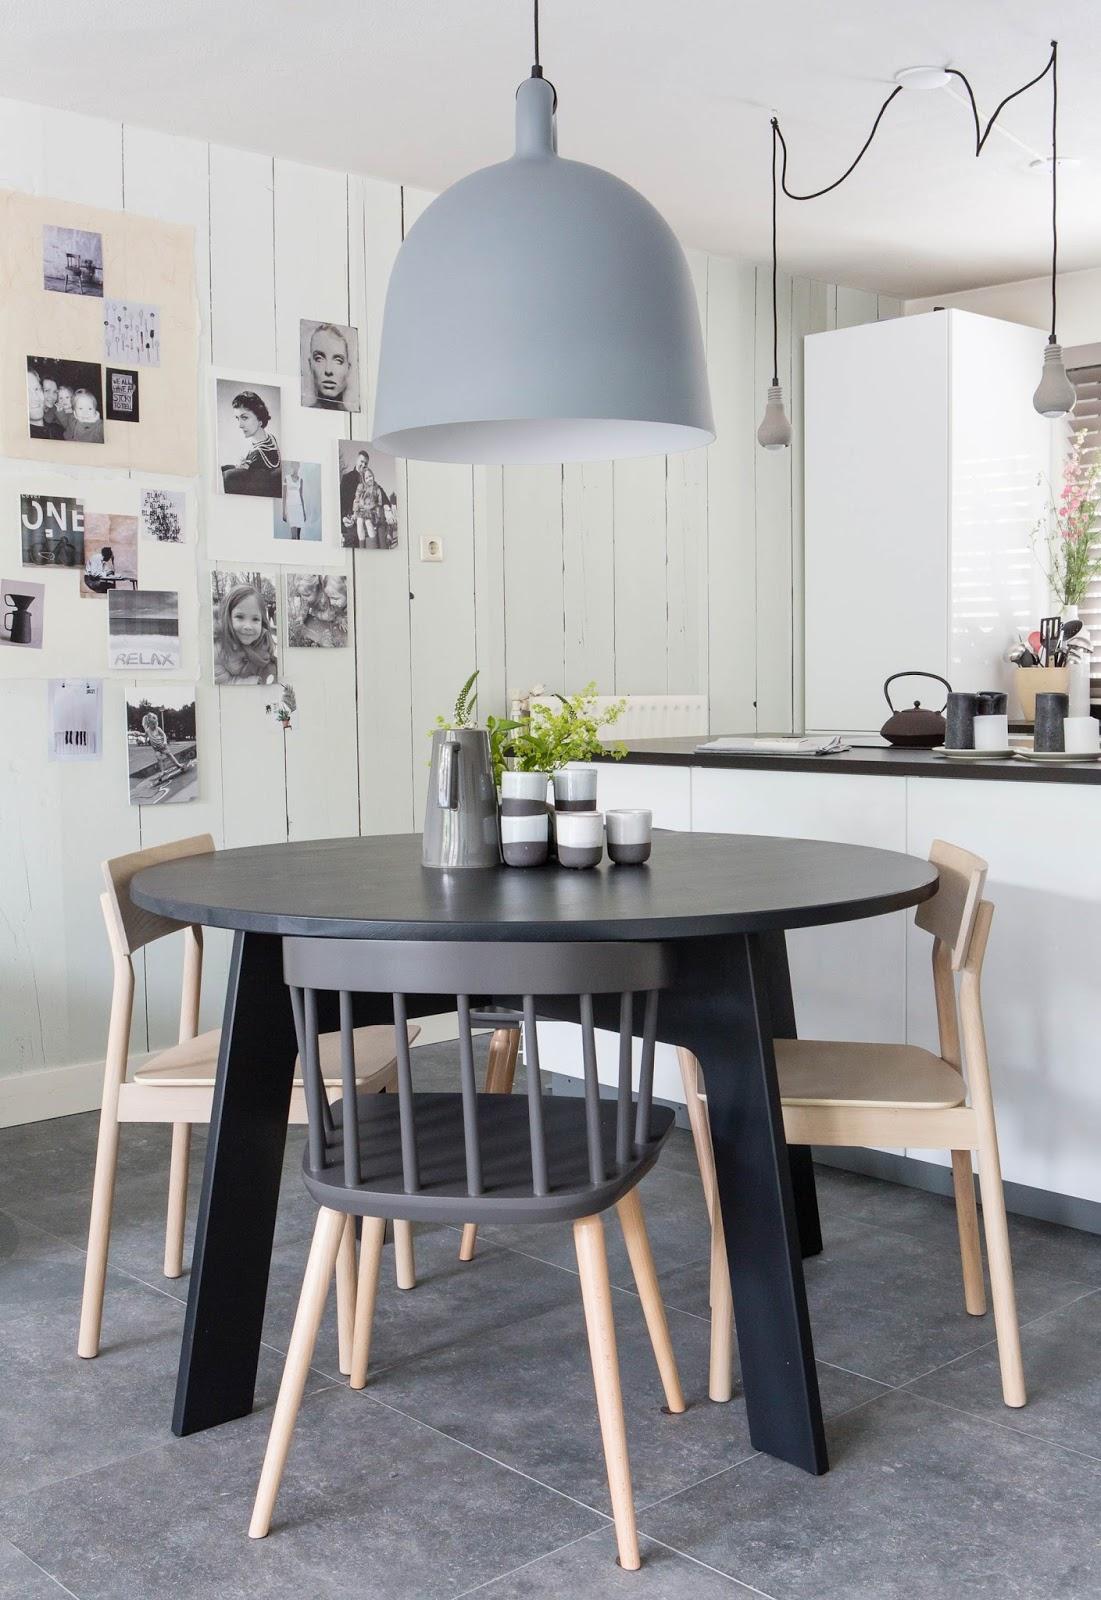 nordic blends: vt wonen 'weer verliefd op je huis' make-over, Deco ideeën